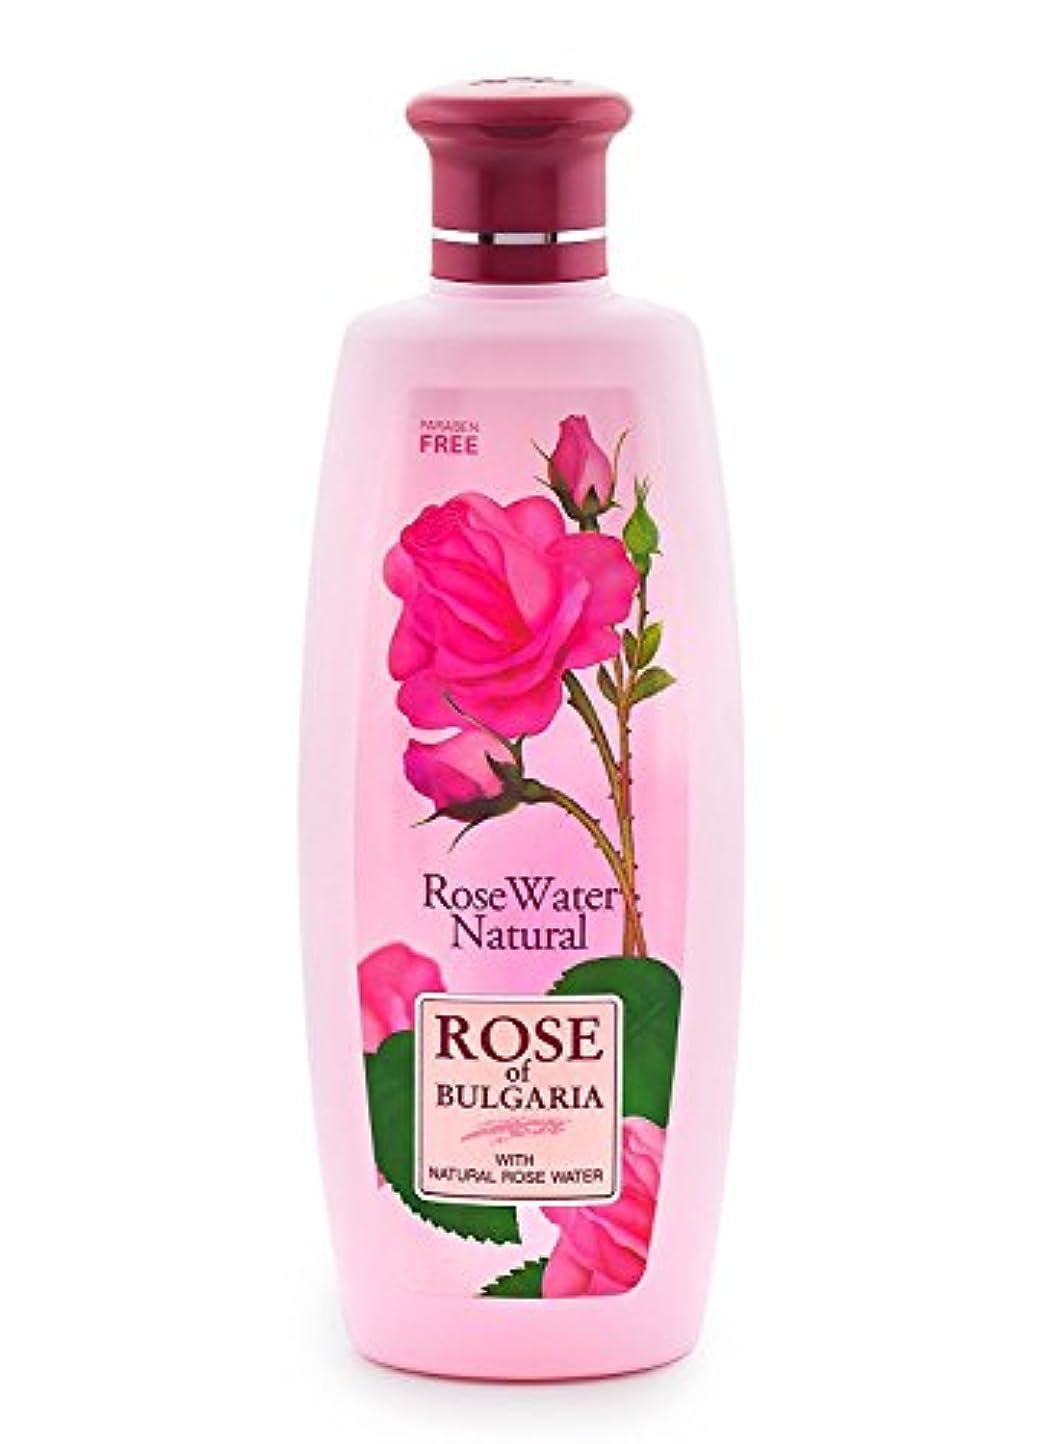 平行オンスいうズ オブ ブルガリア/Rose of Bulgaria/ローズ ウォーター ナチュラル スプレー 330ml